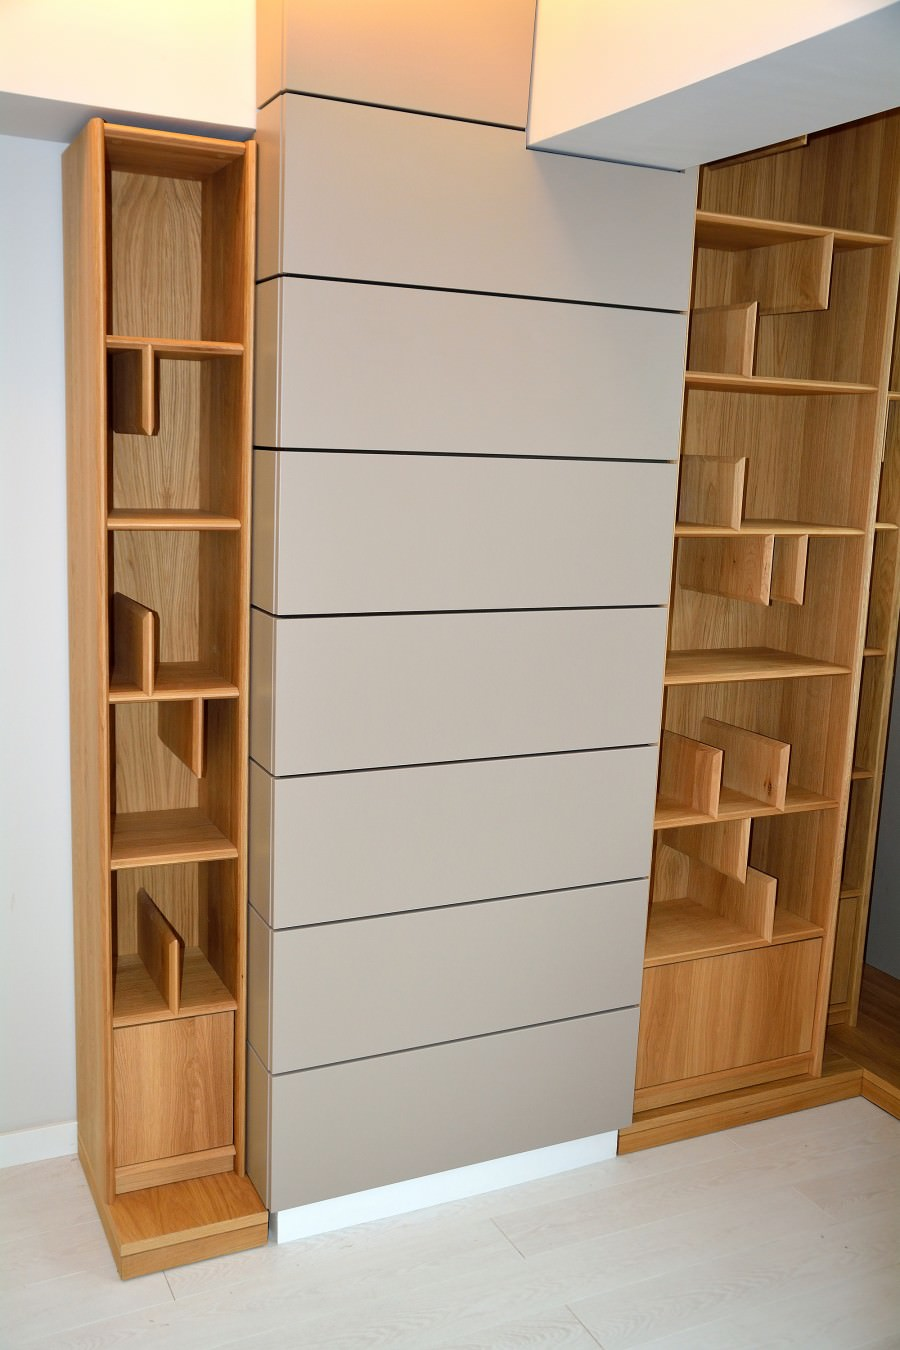 Biblioteca moderna realizata din lemn masiv stejar natur cu placari perete din Mdf Vopsit Mat Gri 900x1350 2